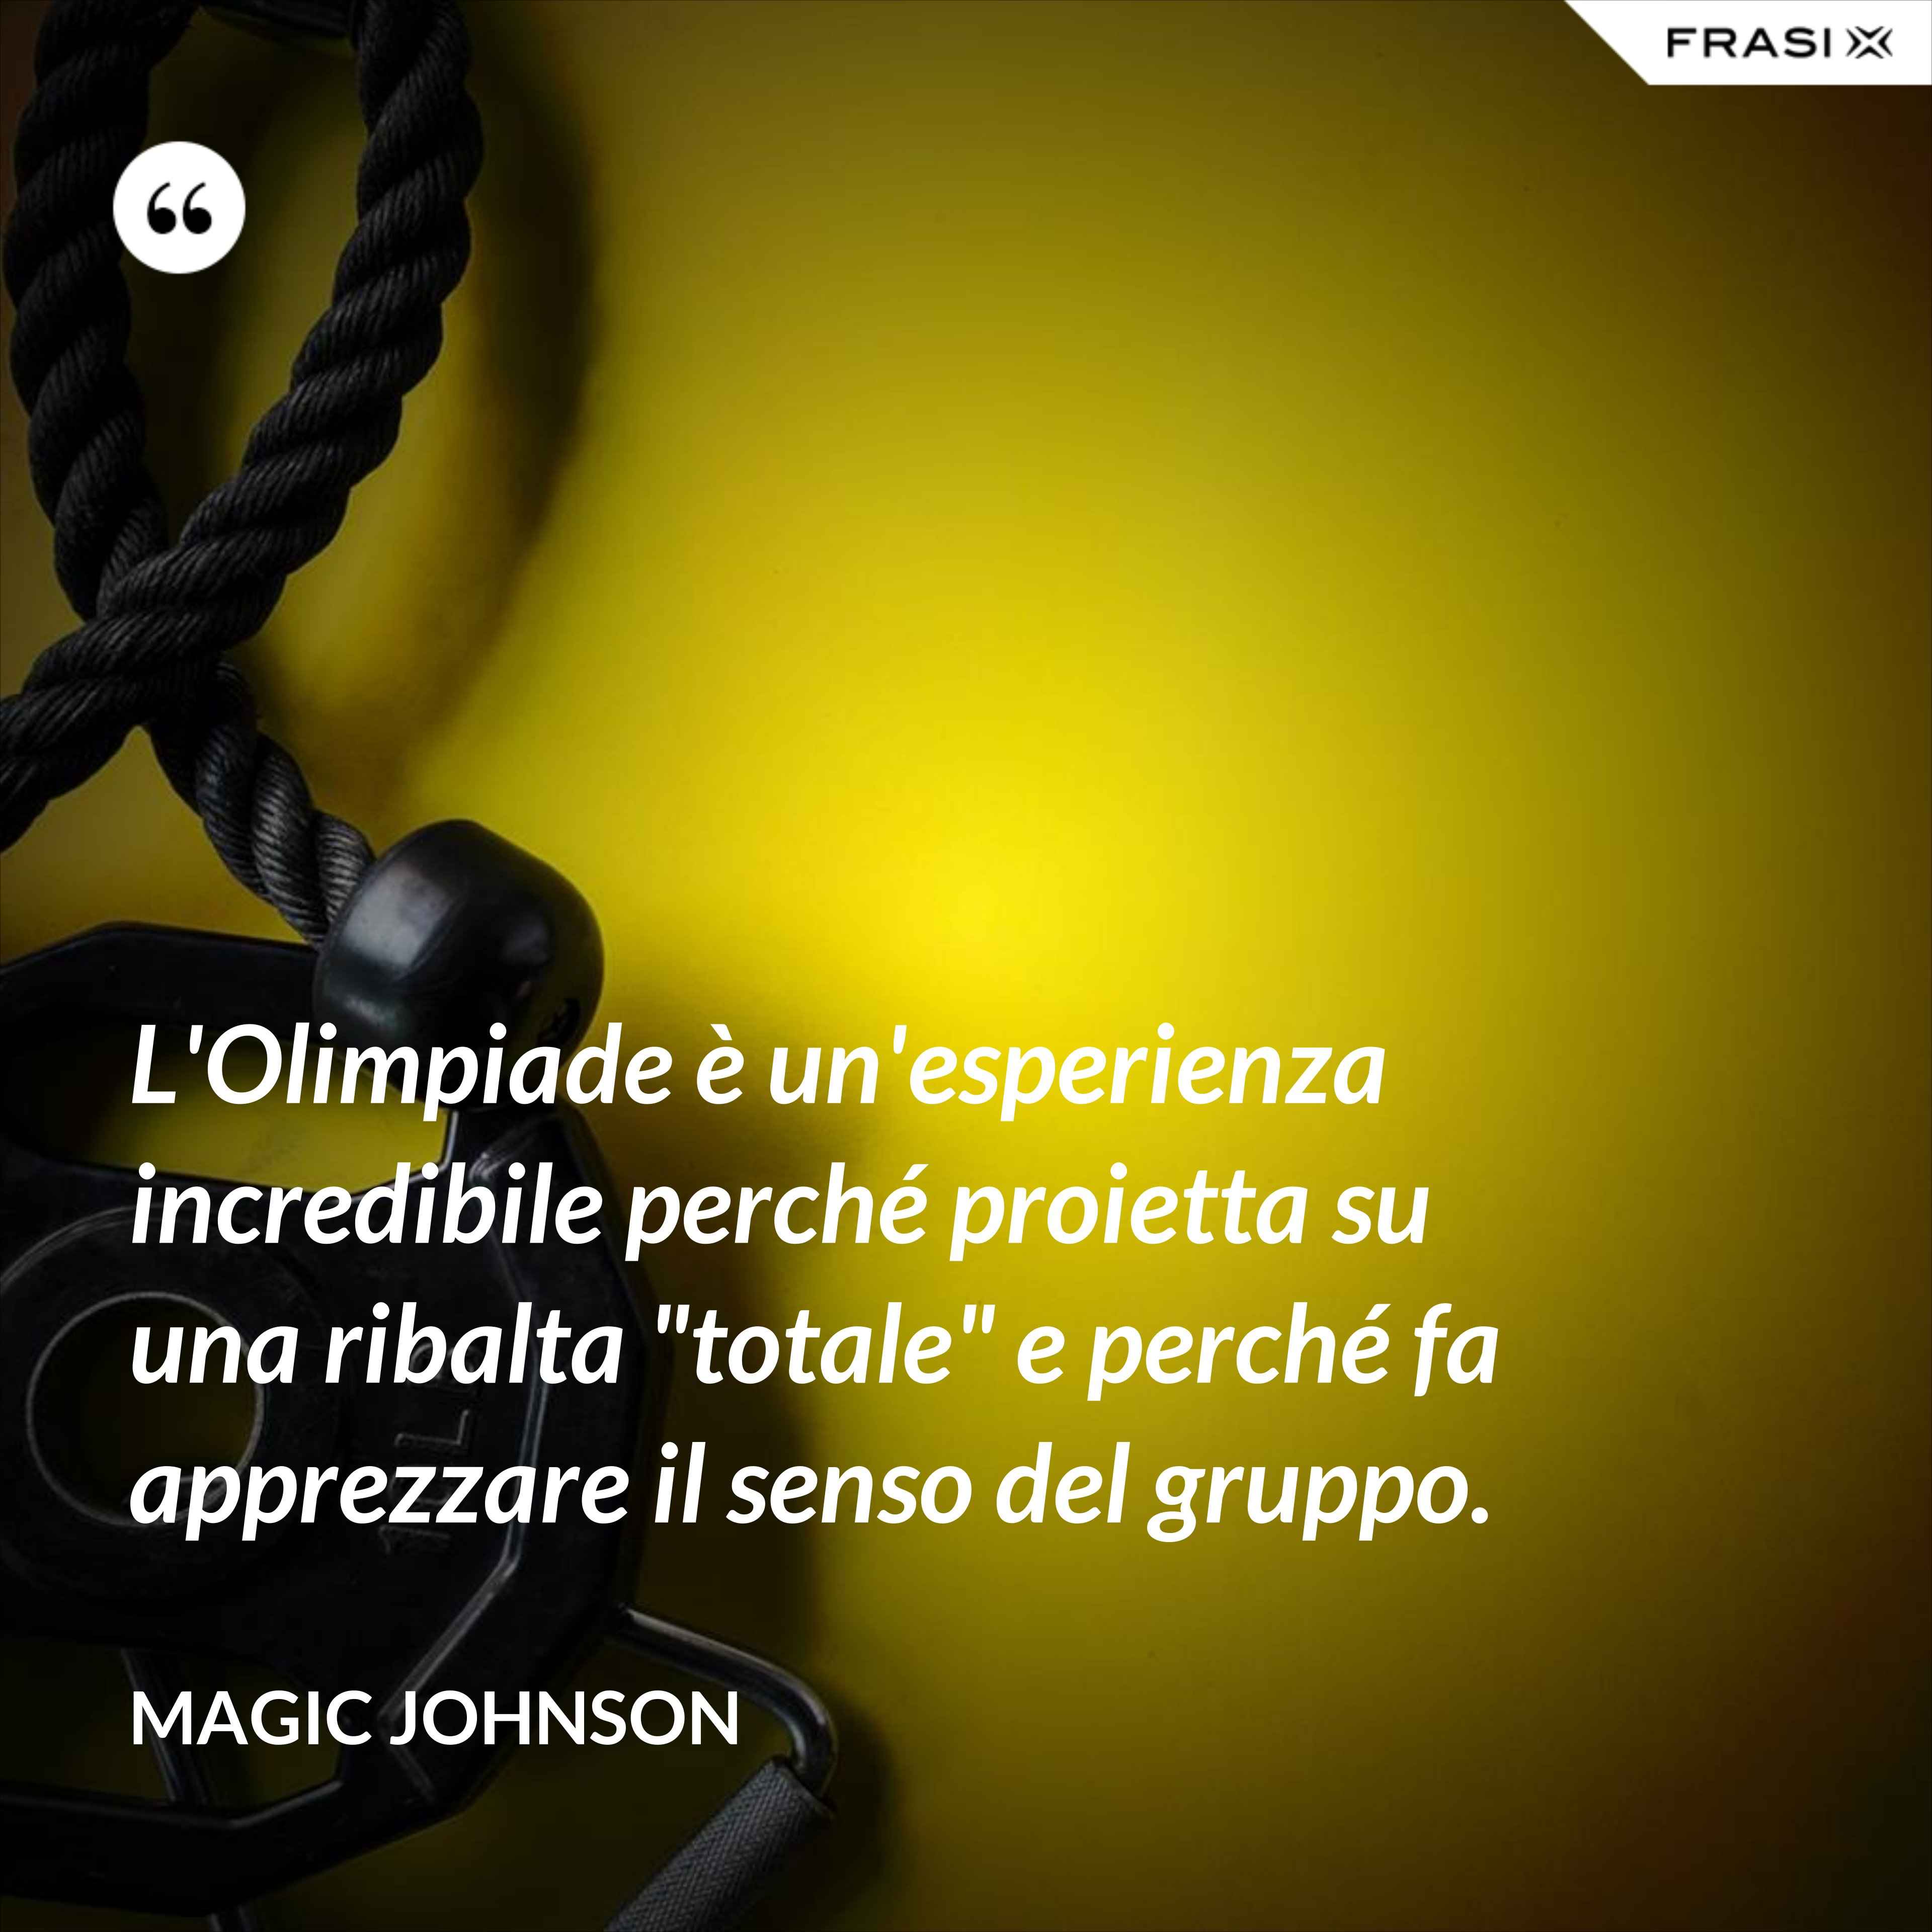 """L'Olimpiade è un'esperienza incredibile perché proietta su una ribalta """"totale"""" e perché fa apprezzare il senso del gruppo. - Magic Johnson"""